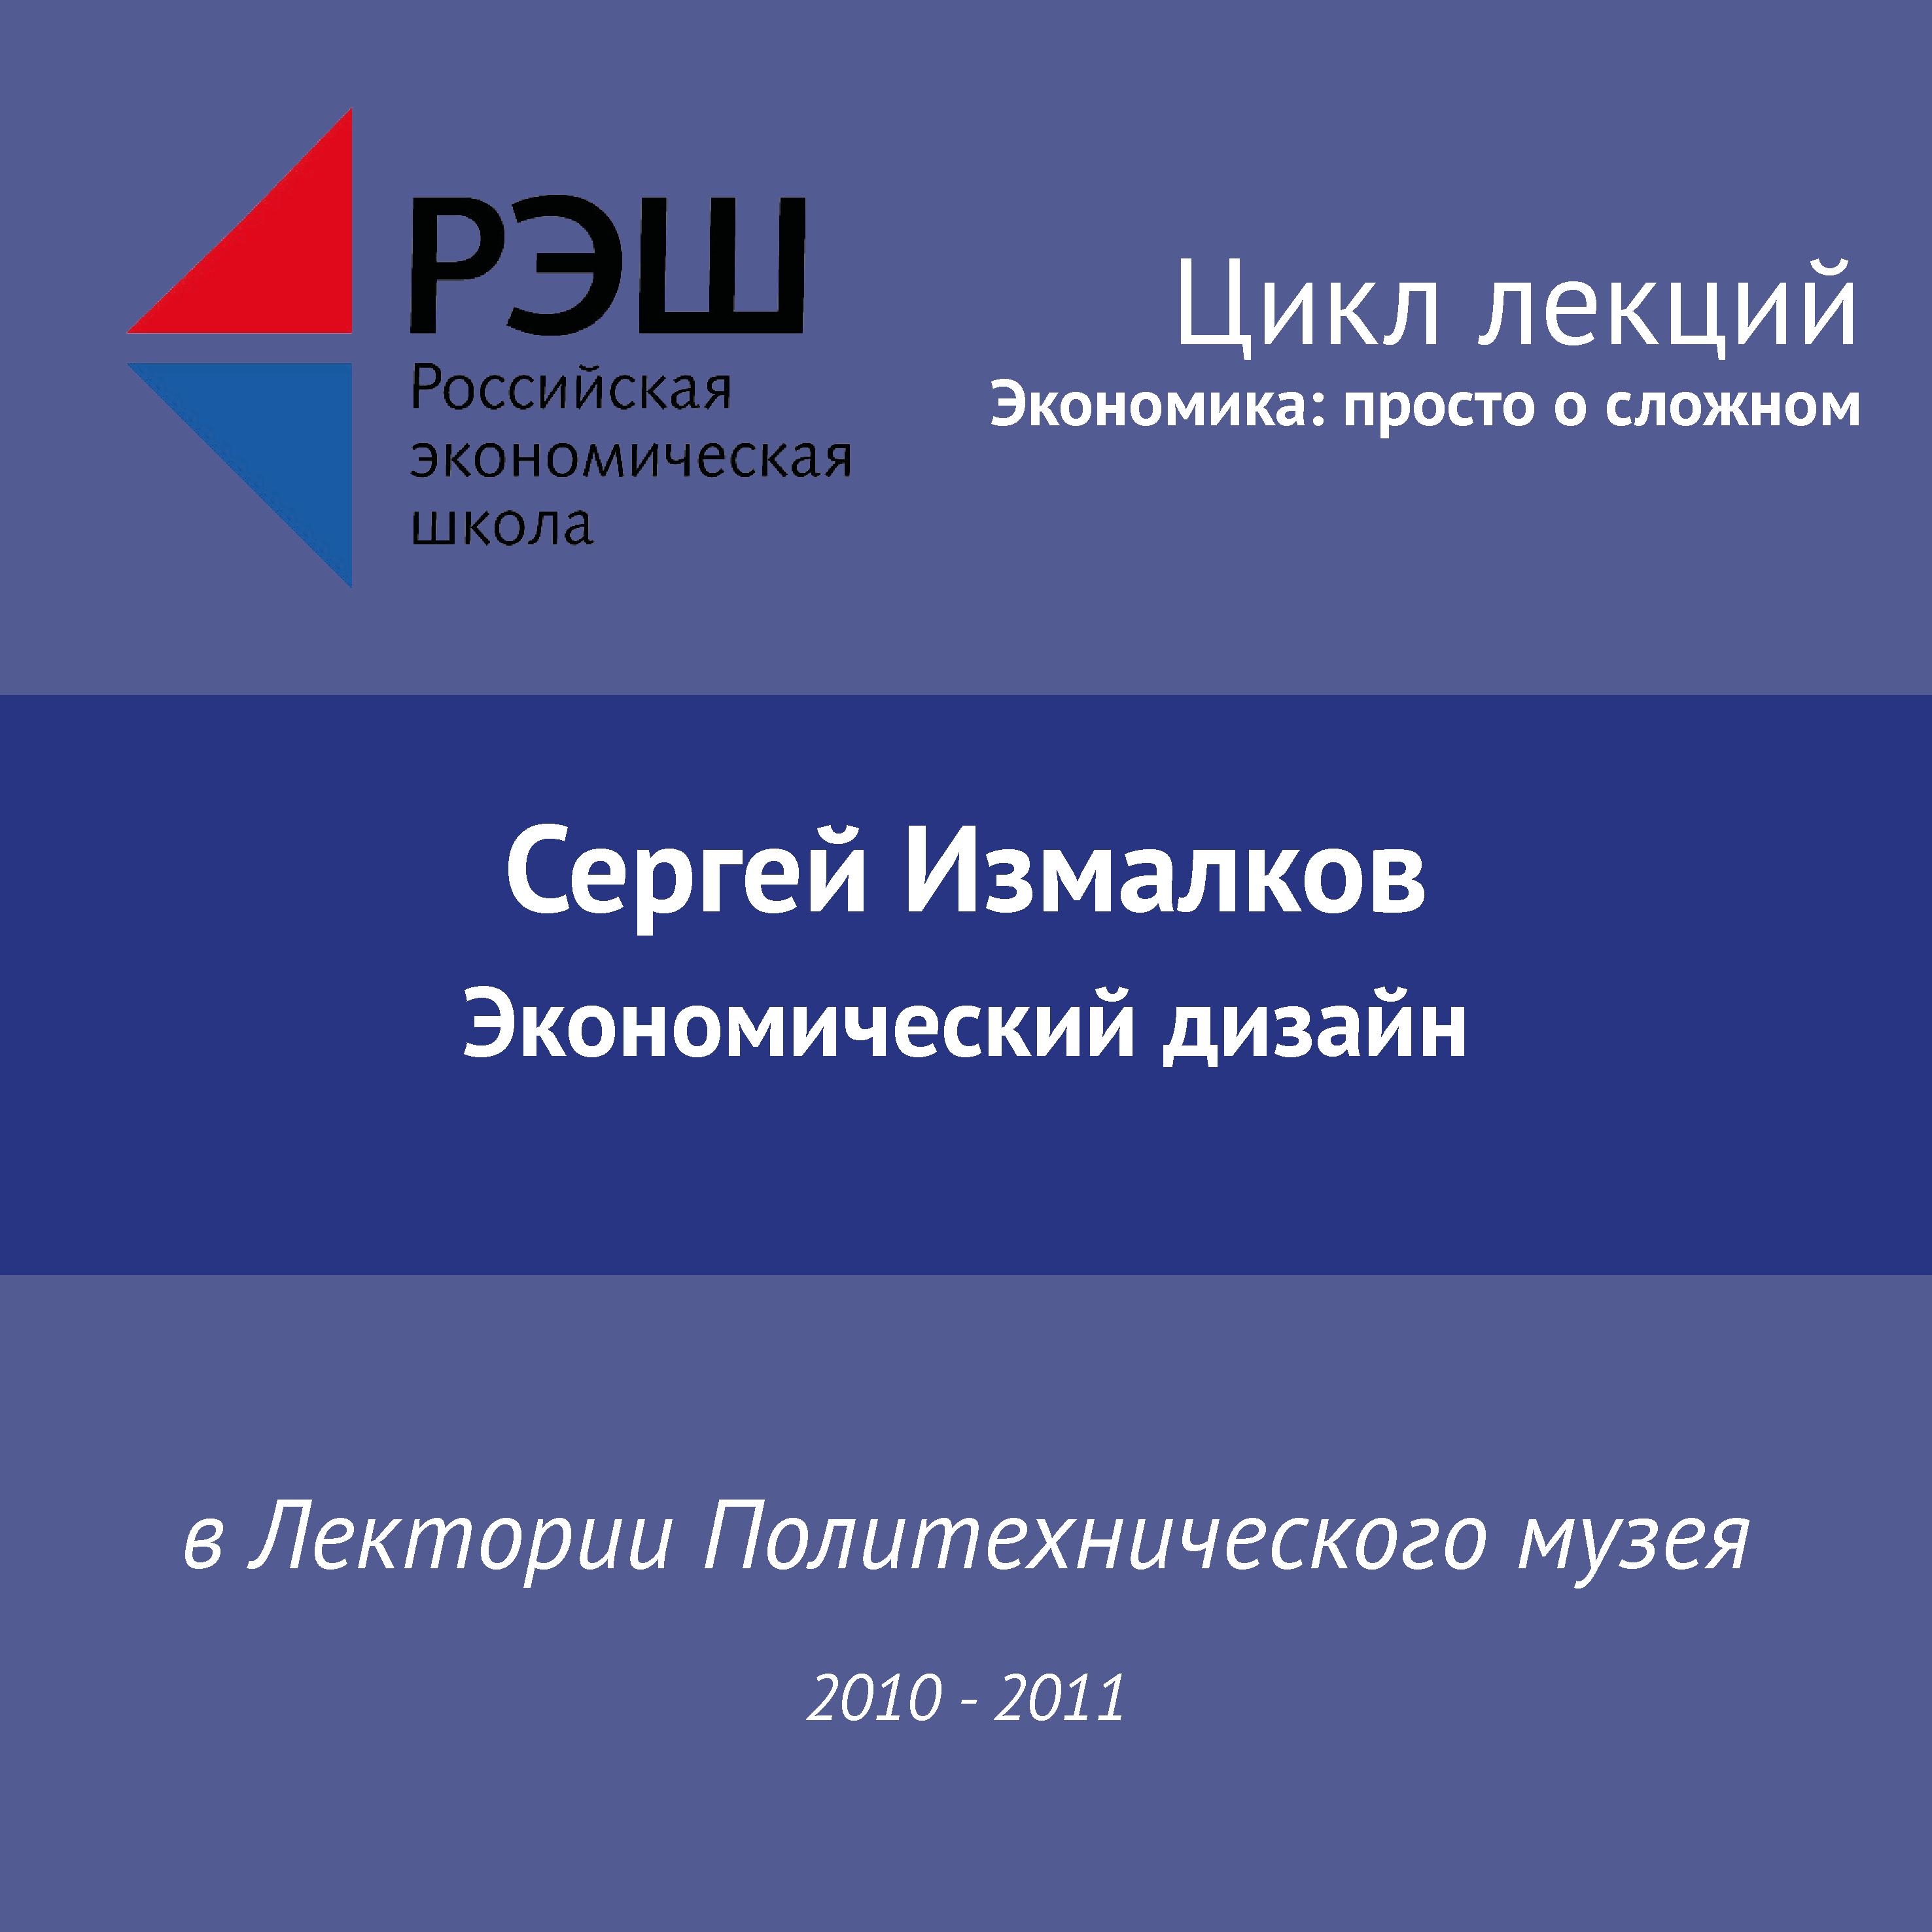 Сергей Измалков Лекция №05 «Экономический дизайн» ворон д космоэнергетика петрова от теории к практике